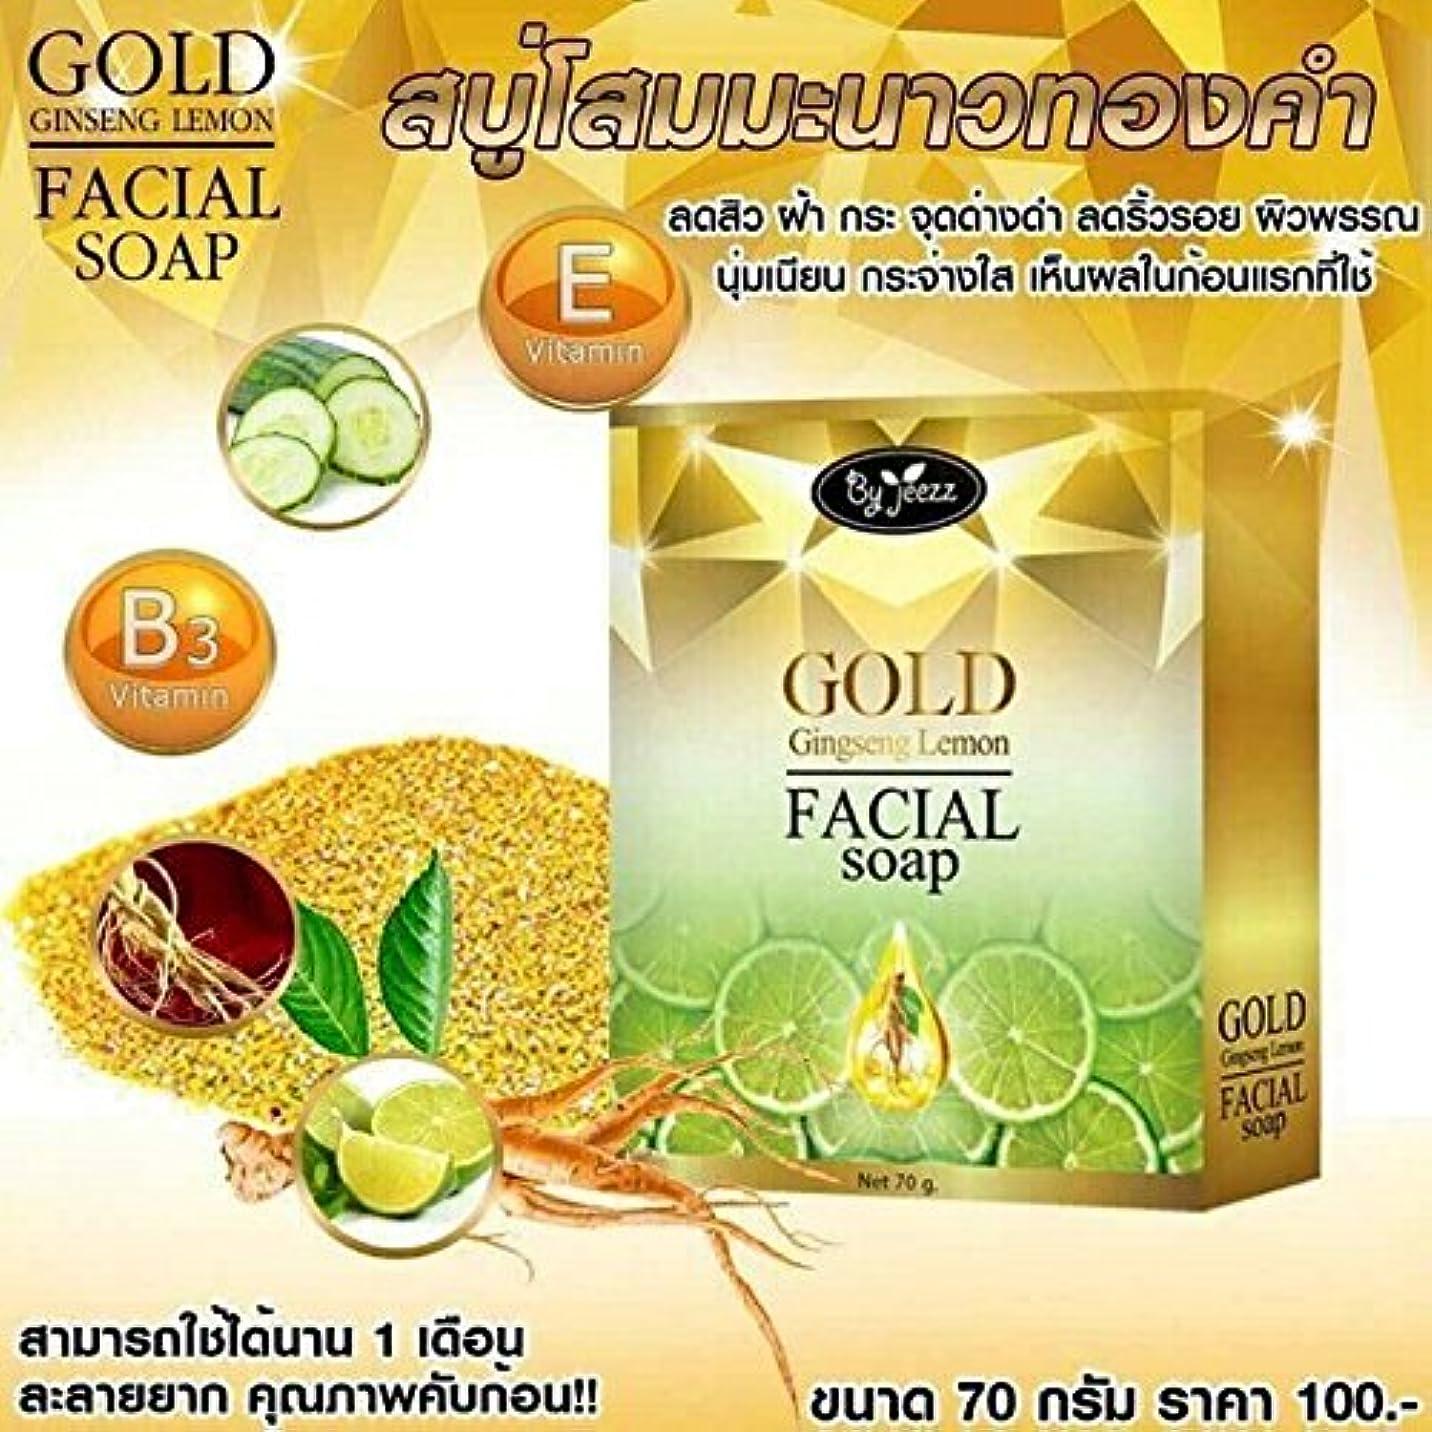 清めるトムオードリース地元1 X Natural Herbal Whitening Soap. Ginseng Lemon Soap (Gold Ginseng Lemon Facial Soap by jeezz) 70 g. Free shipping